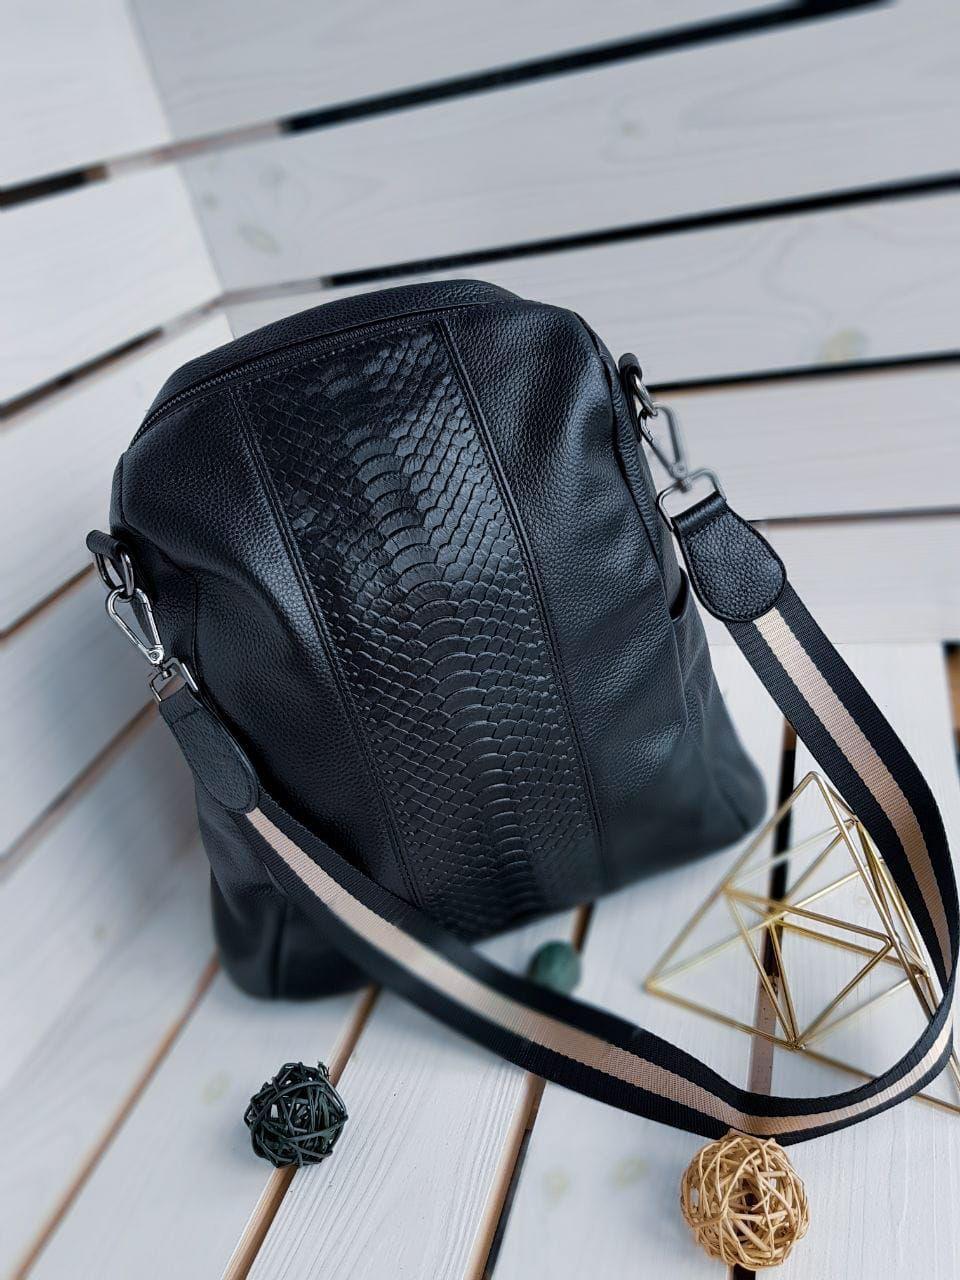 Кожаный женский рюкзак размером 33х28 см Черный